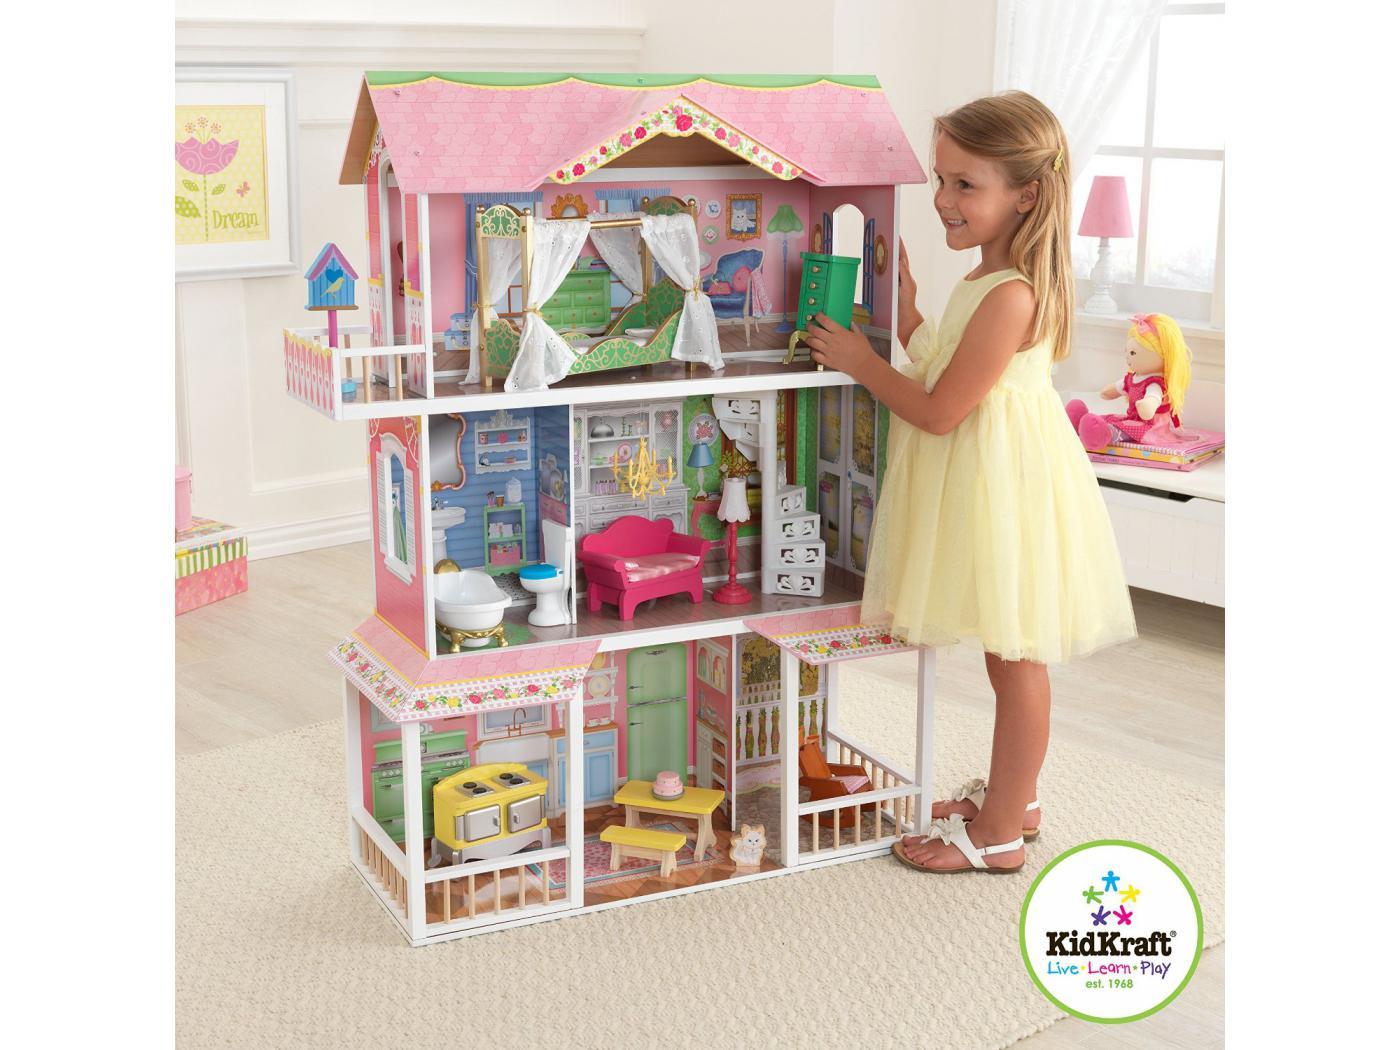 kidkraft maison de poup e douce savannah. Black Bedroom Furniture Sets. Home Design Ideas